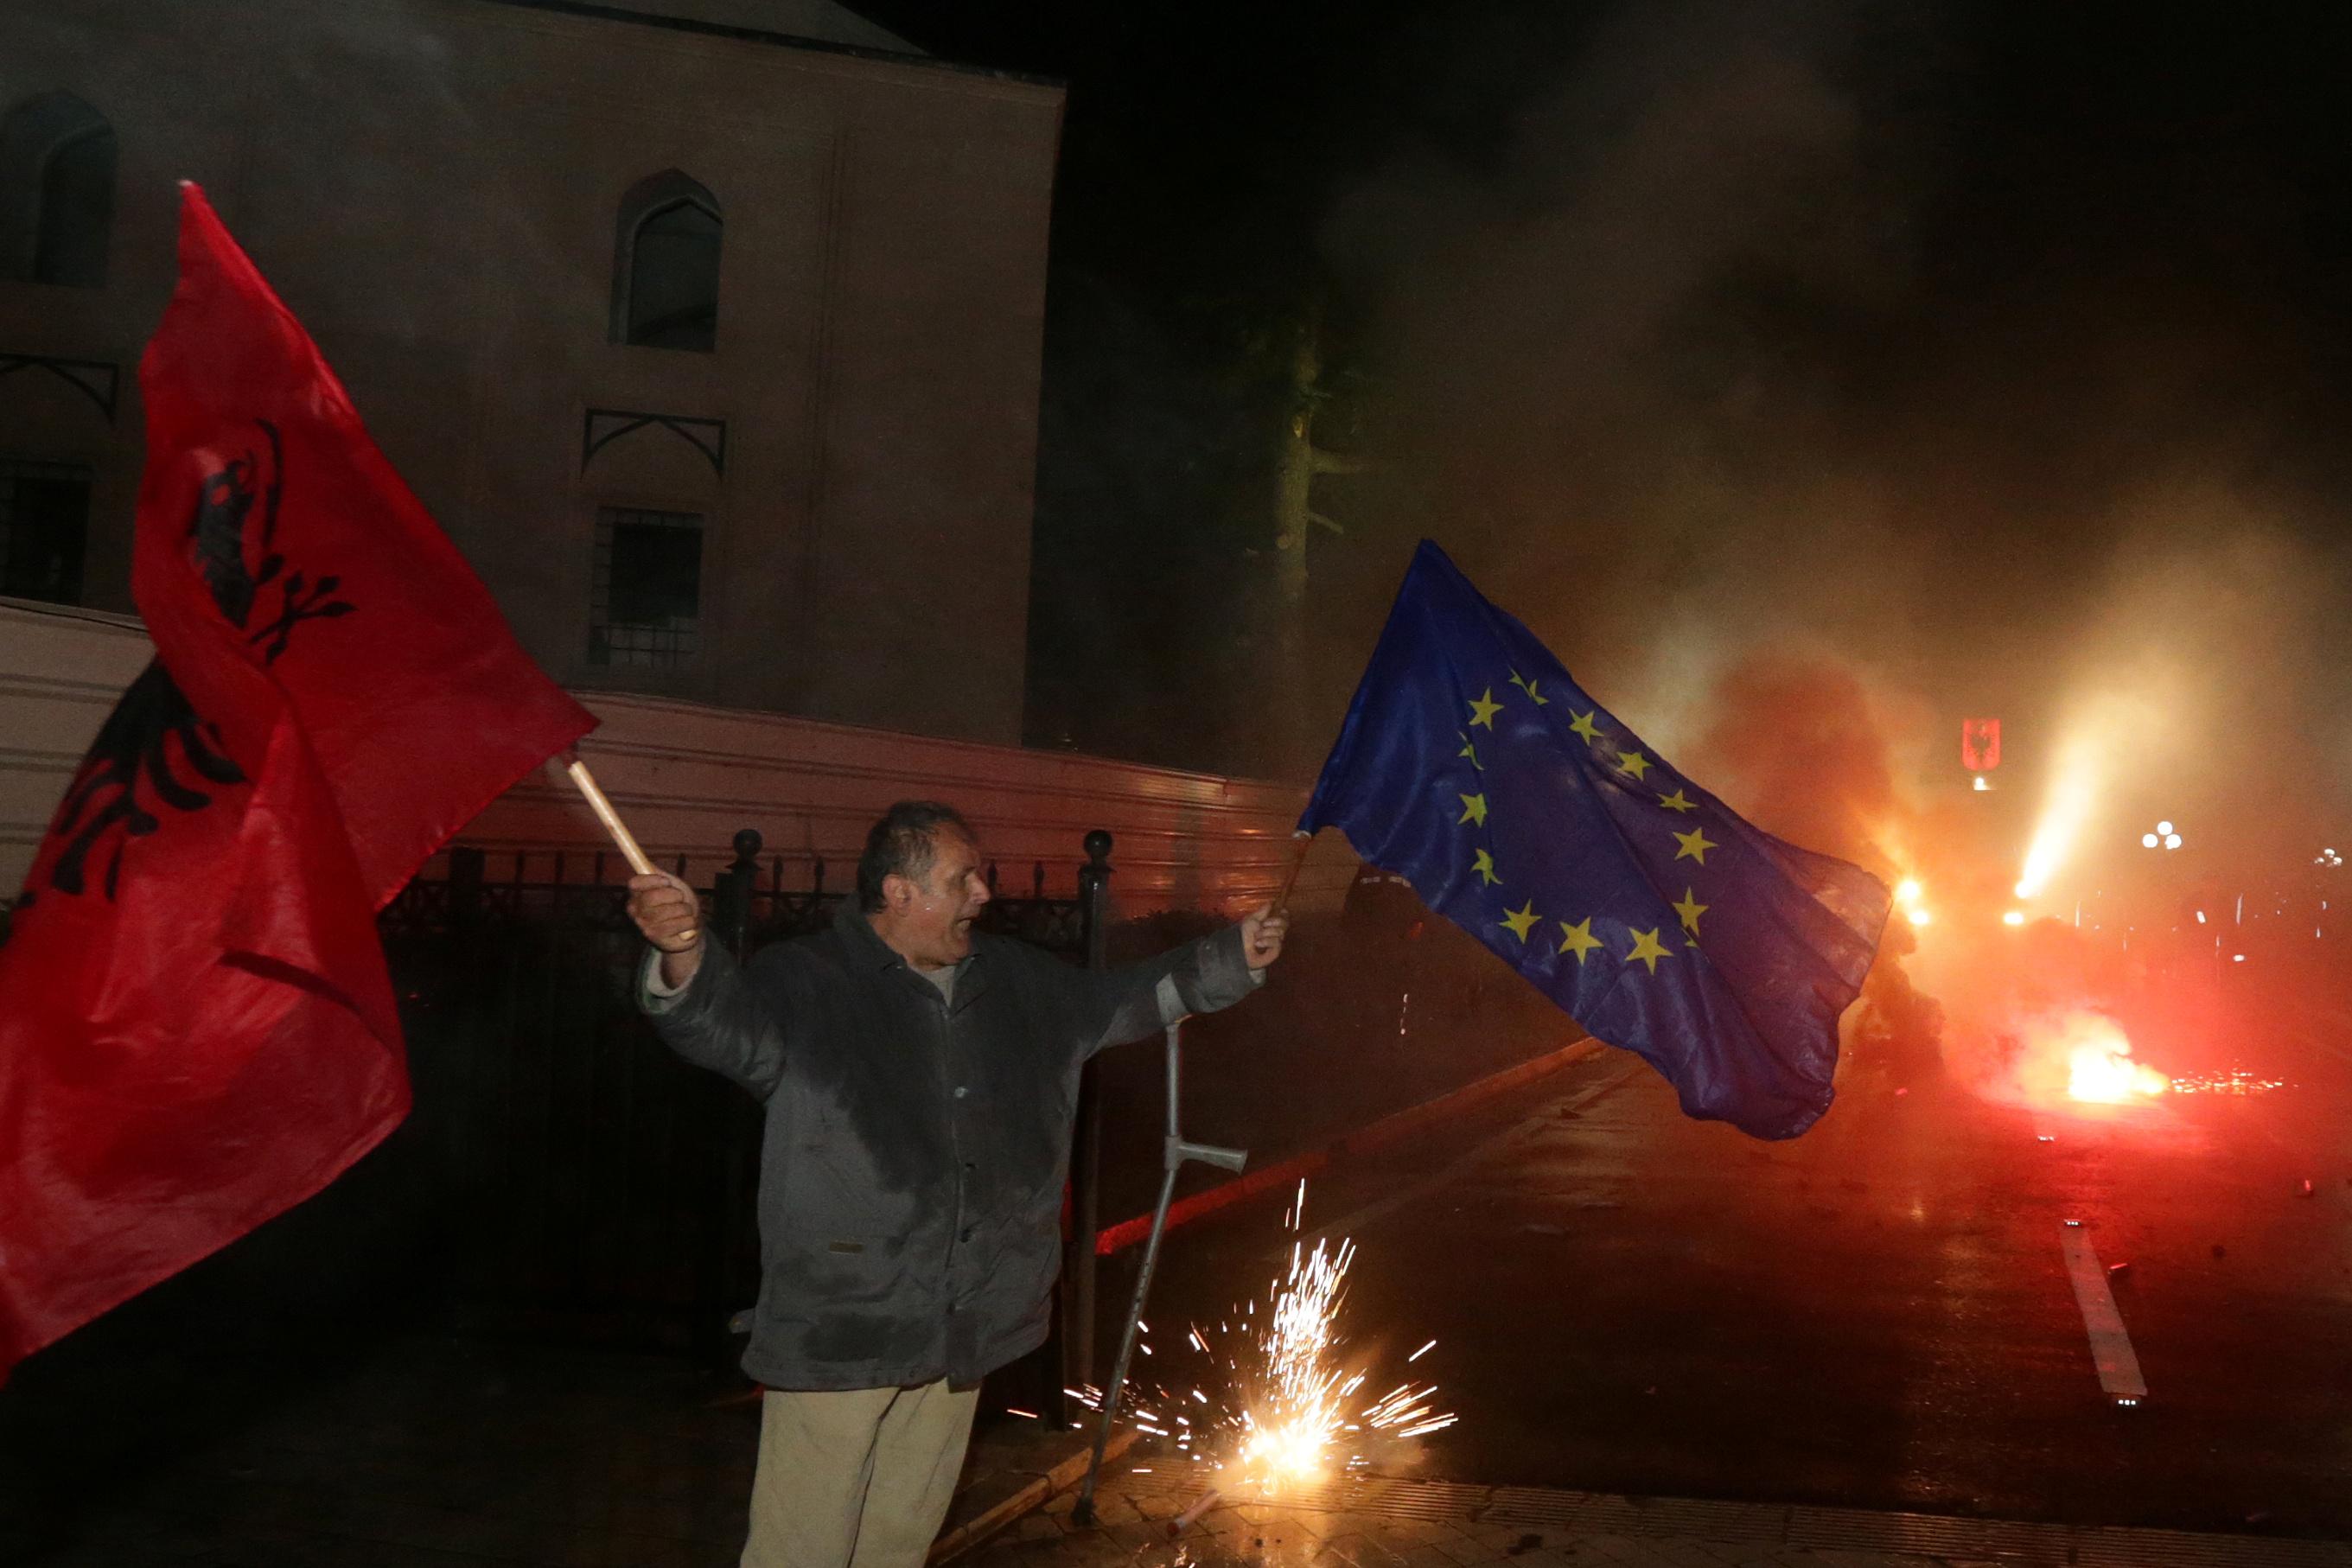 أحد أنصار حزب المعارضة يلوح بالعلم الألباني والأوروبي خلال مظاهرة مناهضة للحكومة أمام مبنى البرلمان في تيرانا